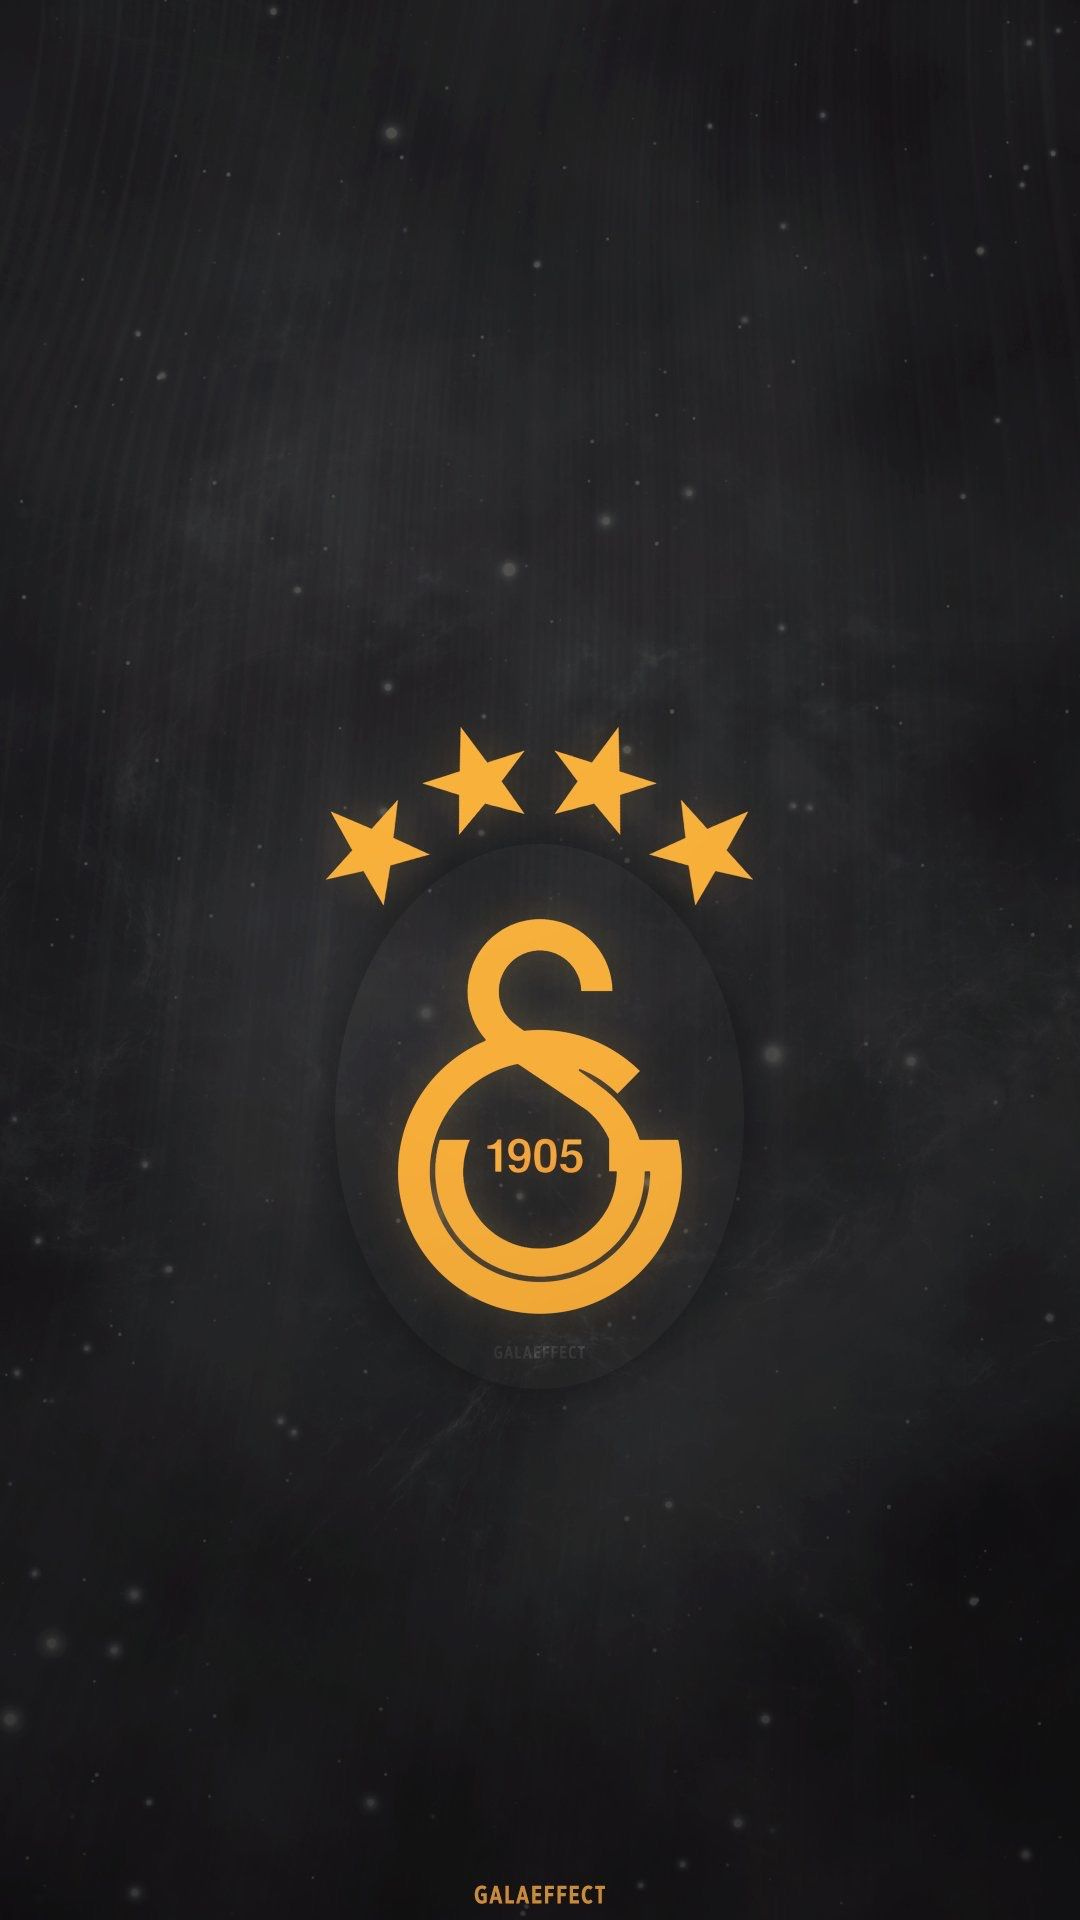 Galatasarayımızın 4 Yıldızlı Logosu 194 Galatasaray Wallpaper